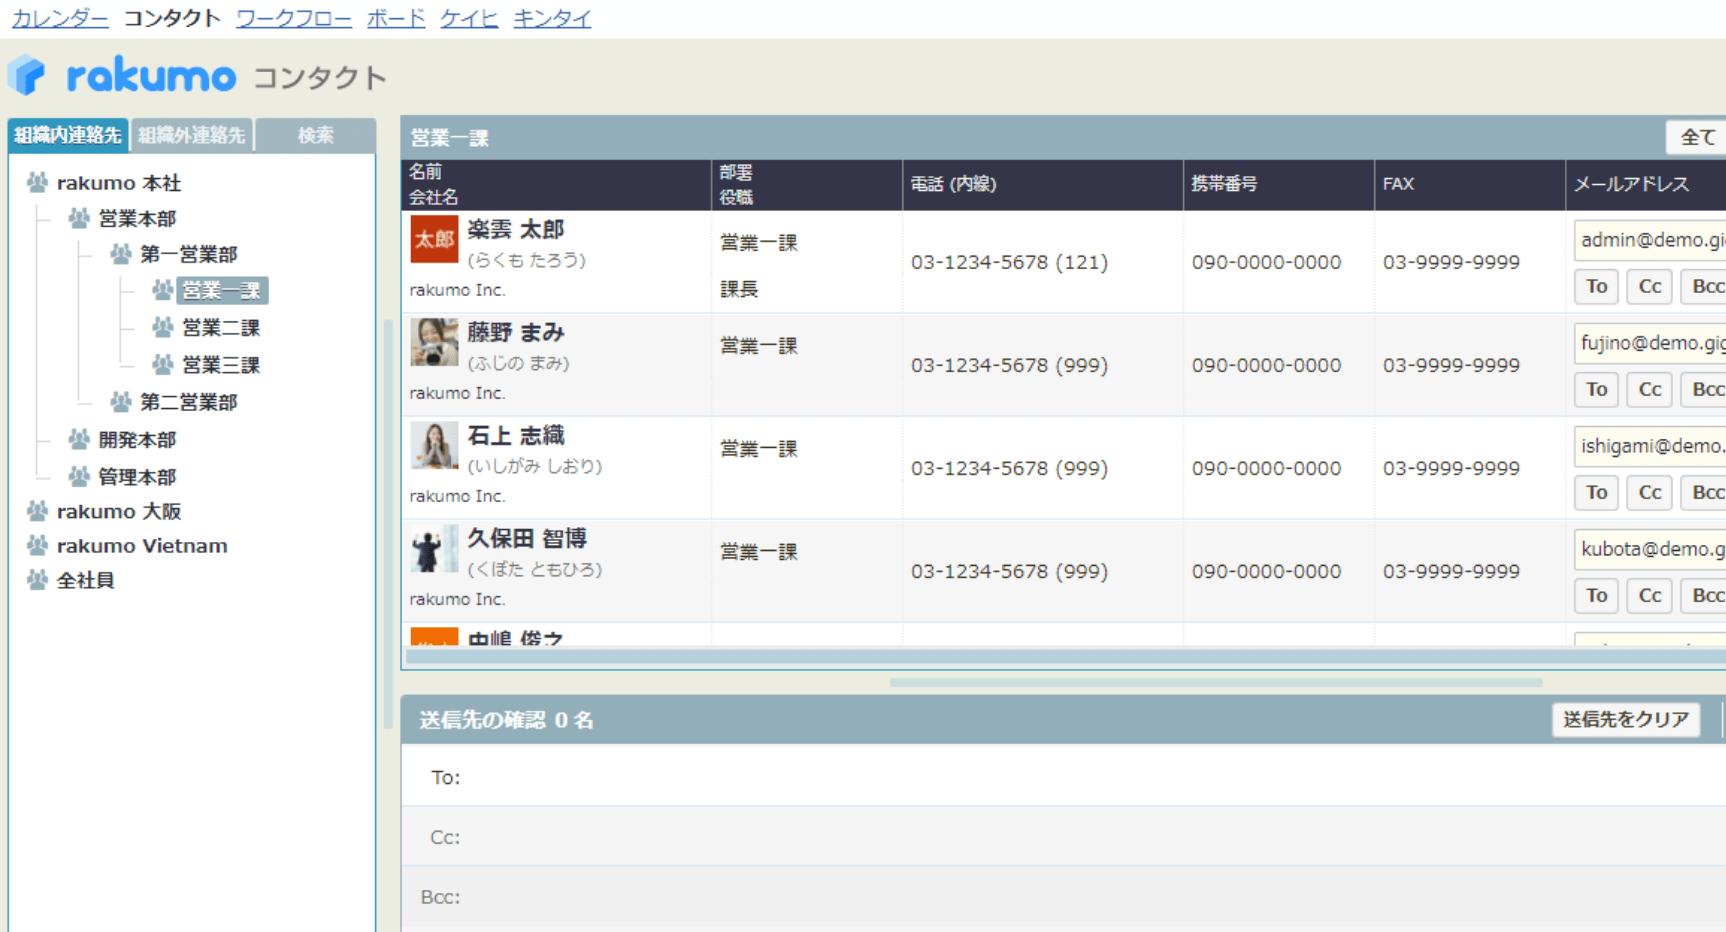 社内外の連絡先一元管理システム「rakumoコンタクト」